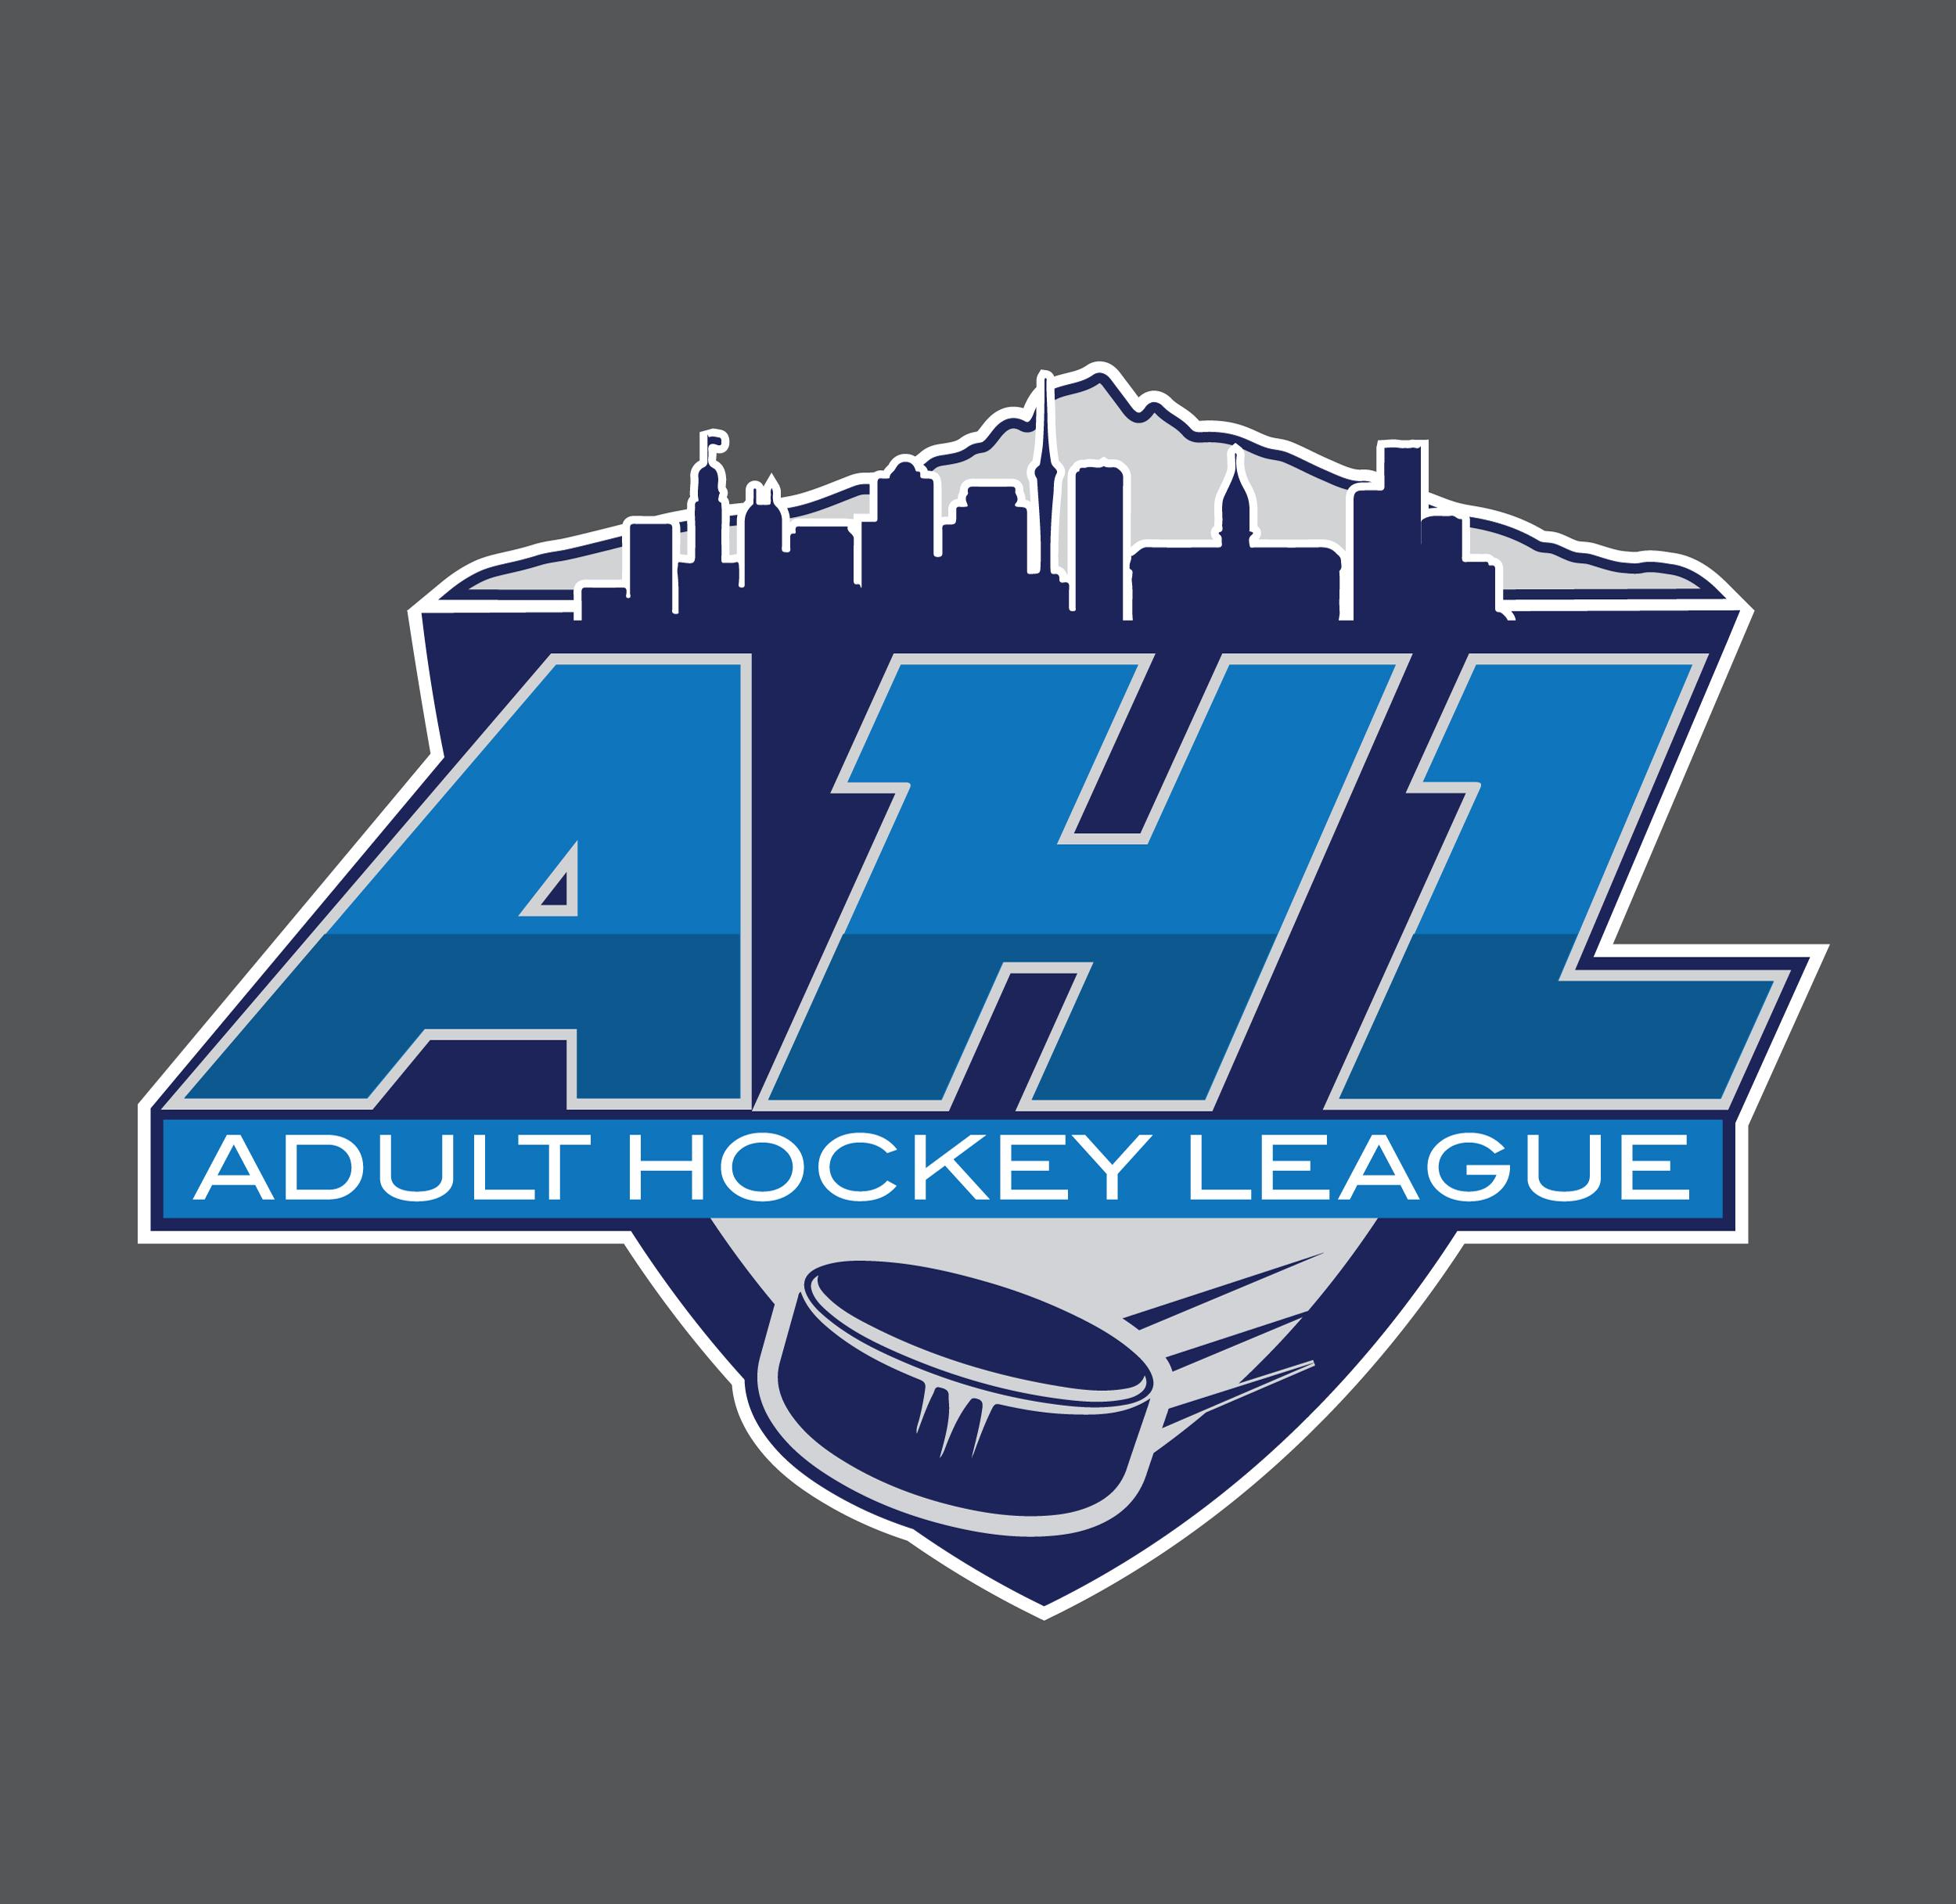 Adult Ice Hockey